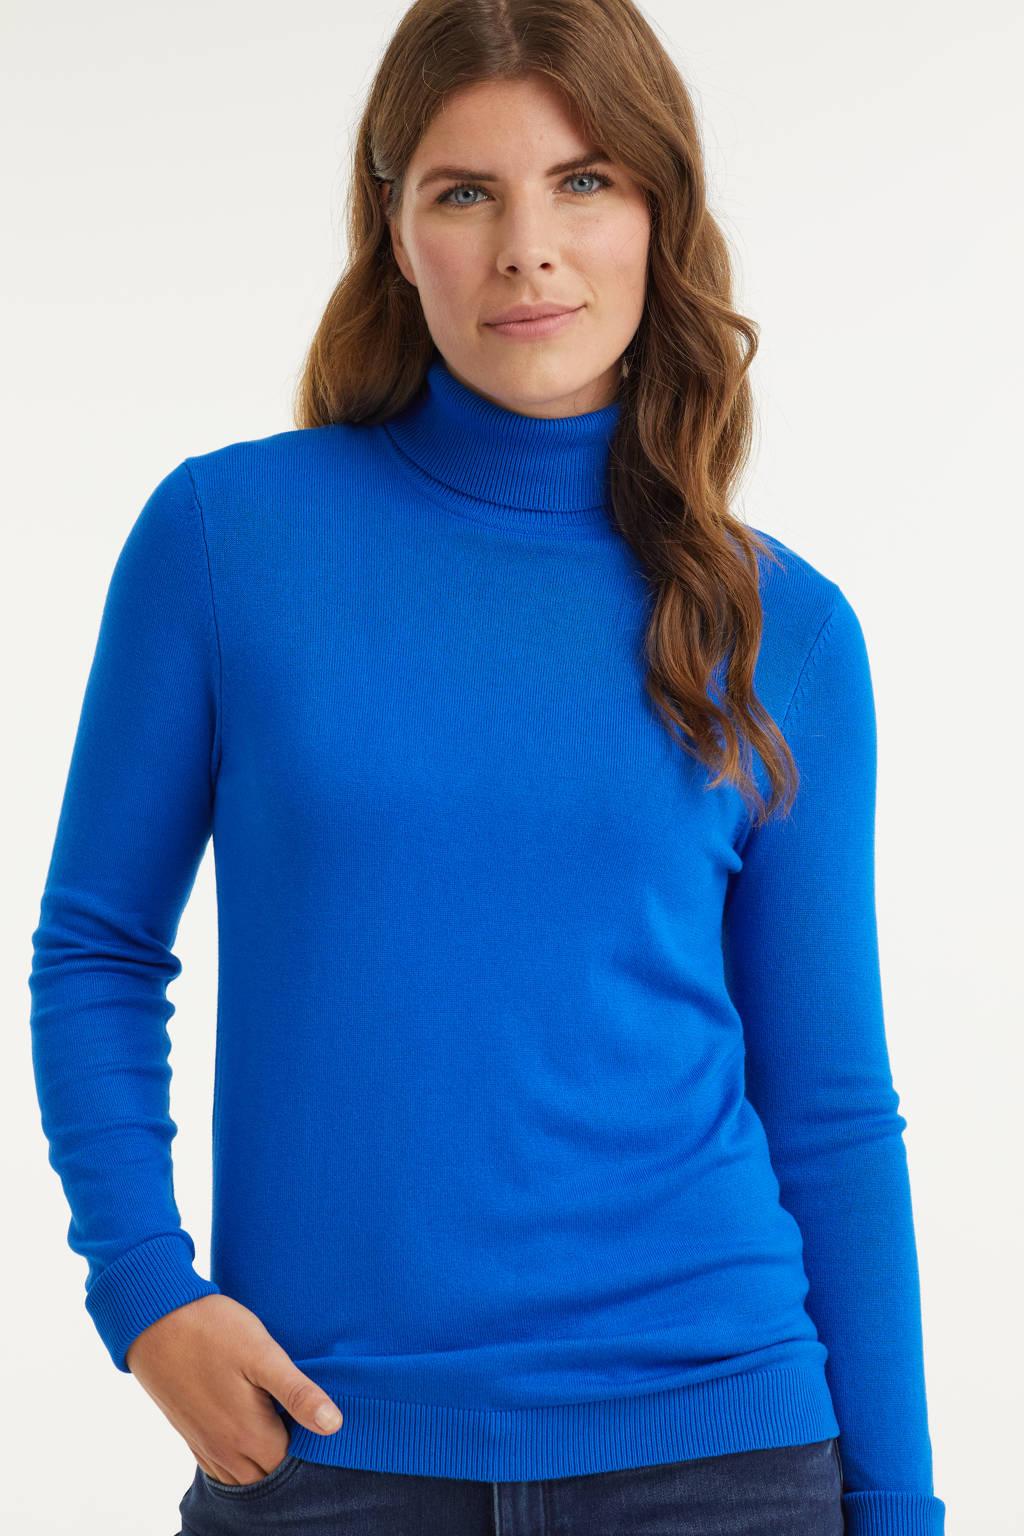 Imagine trui met col blauw, Olympia Blue